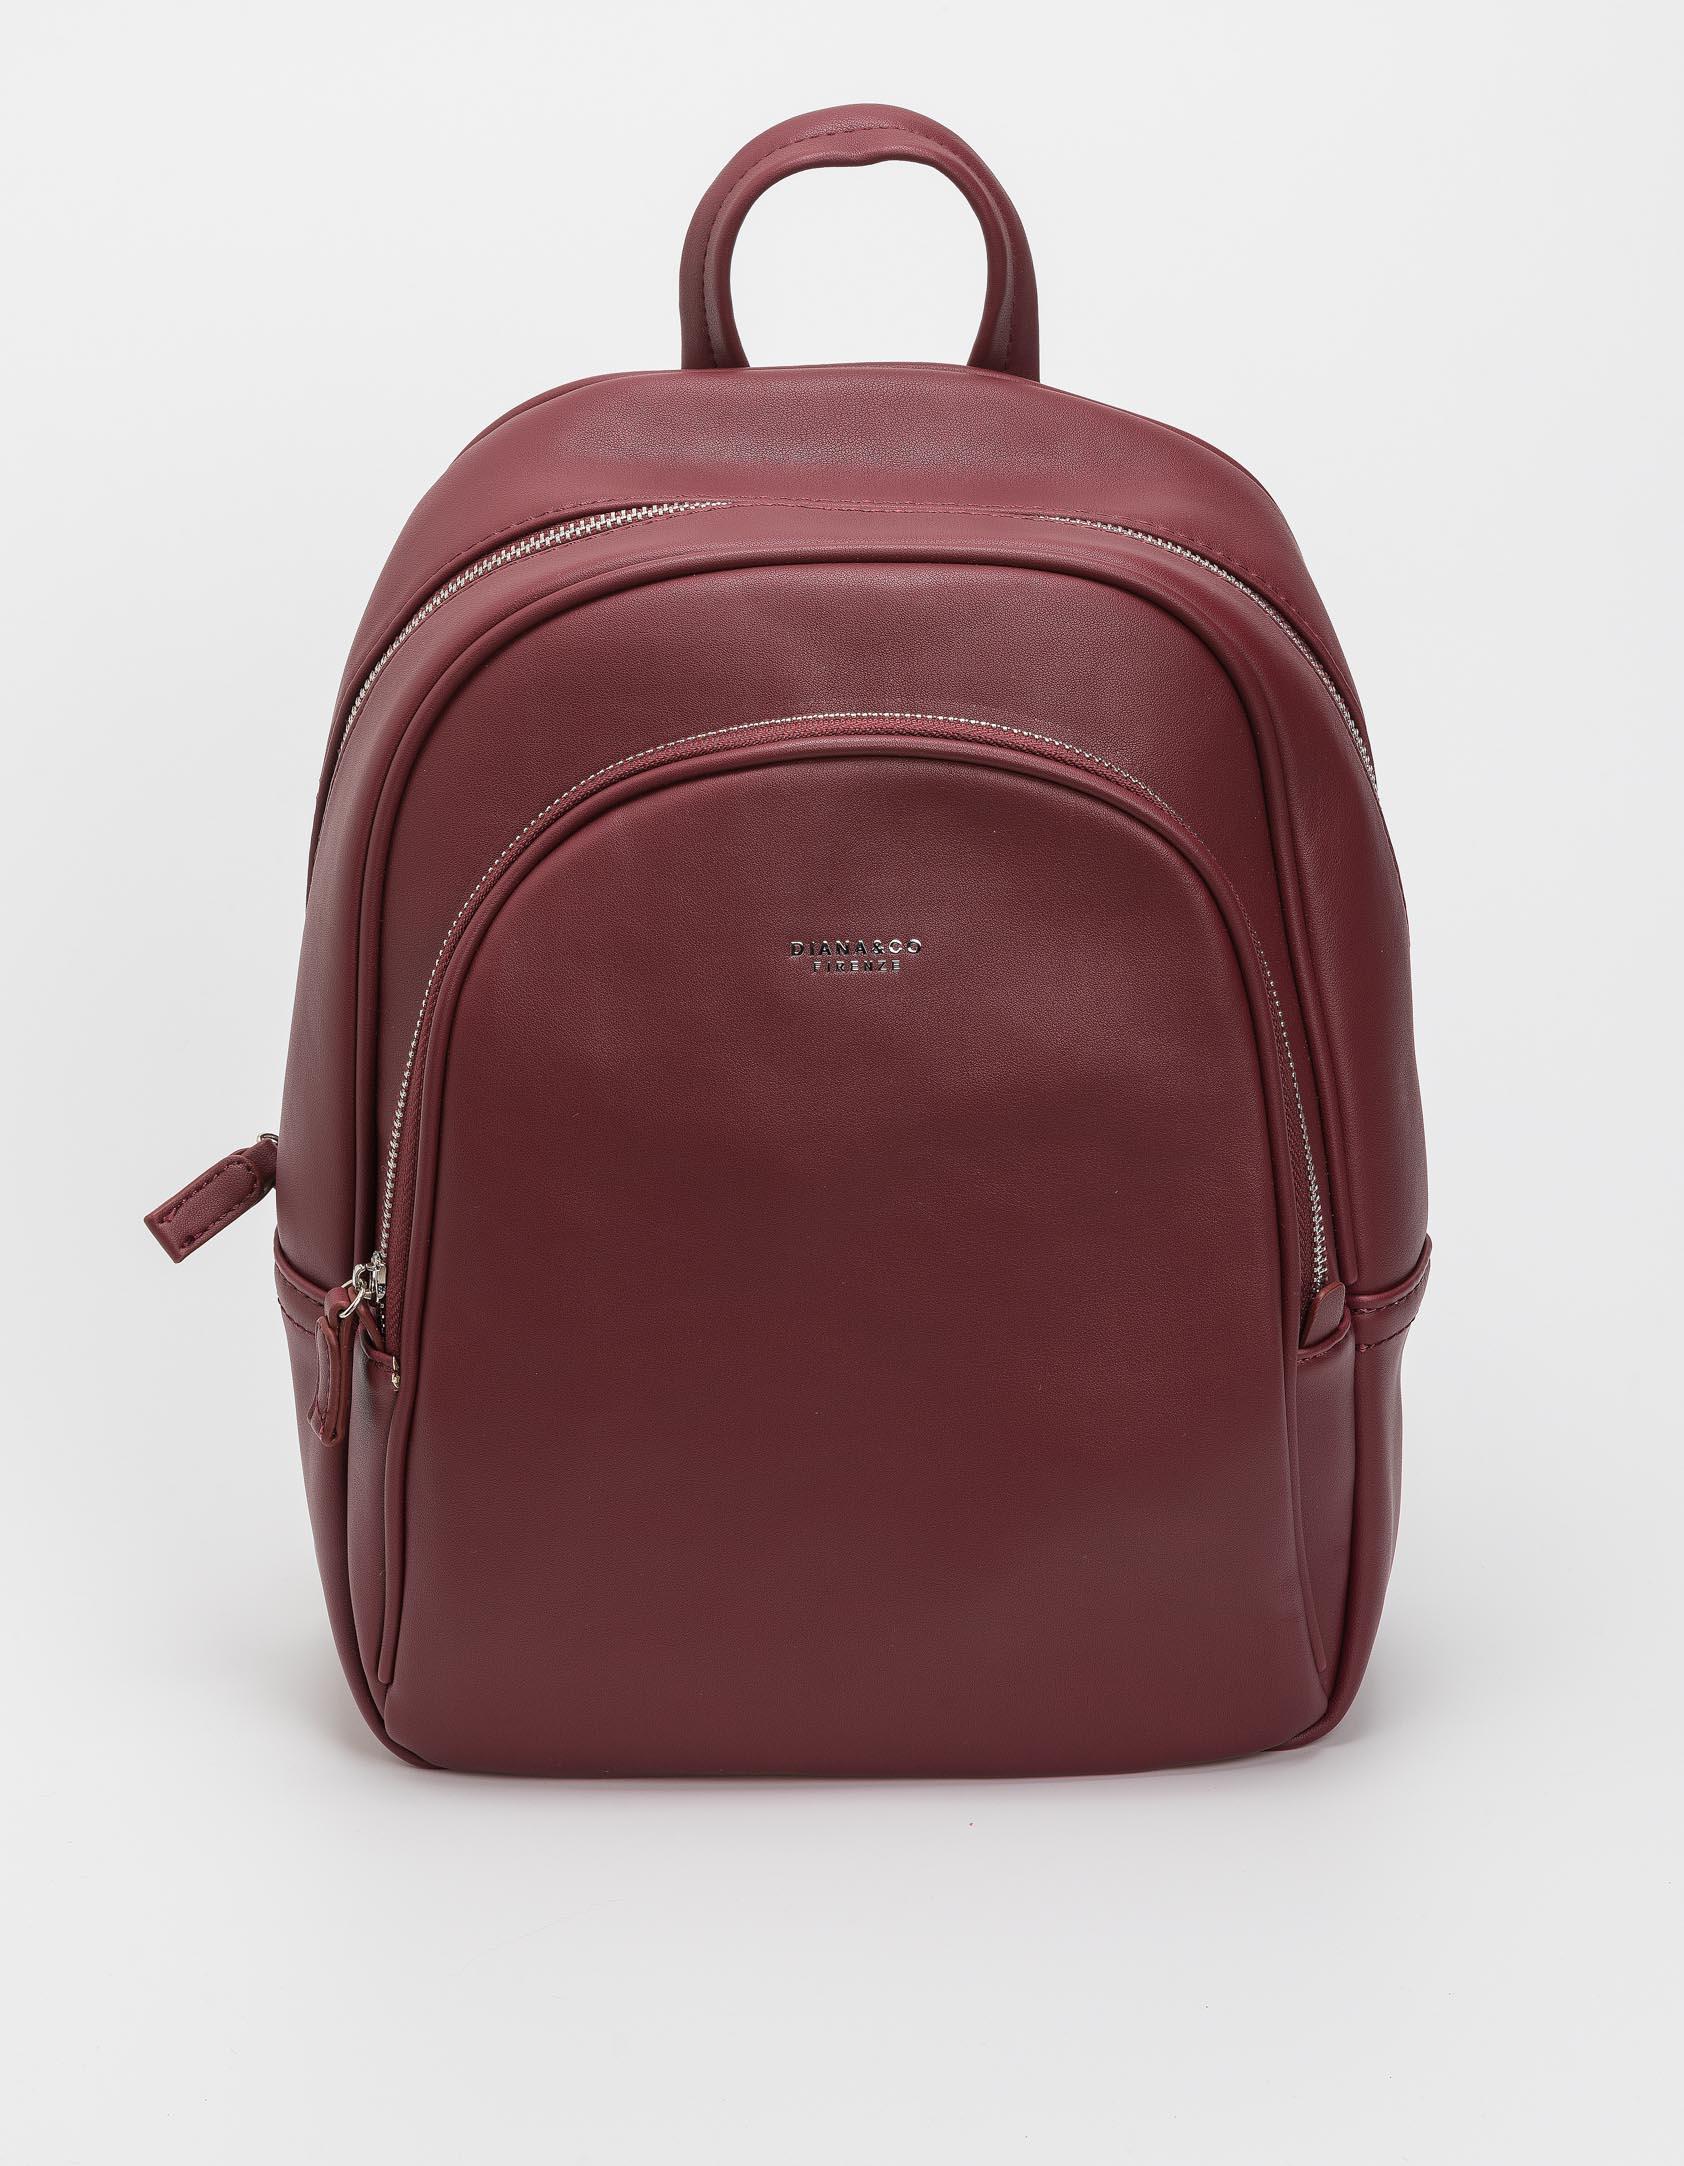 Μεγάλο backpack δύο θέσεων - Μπορντώ